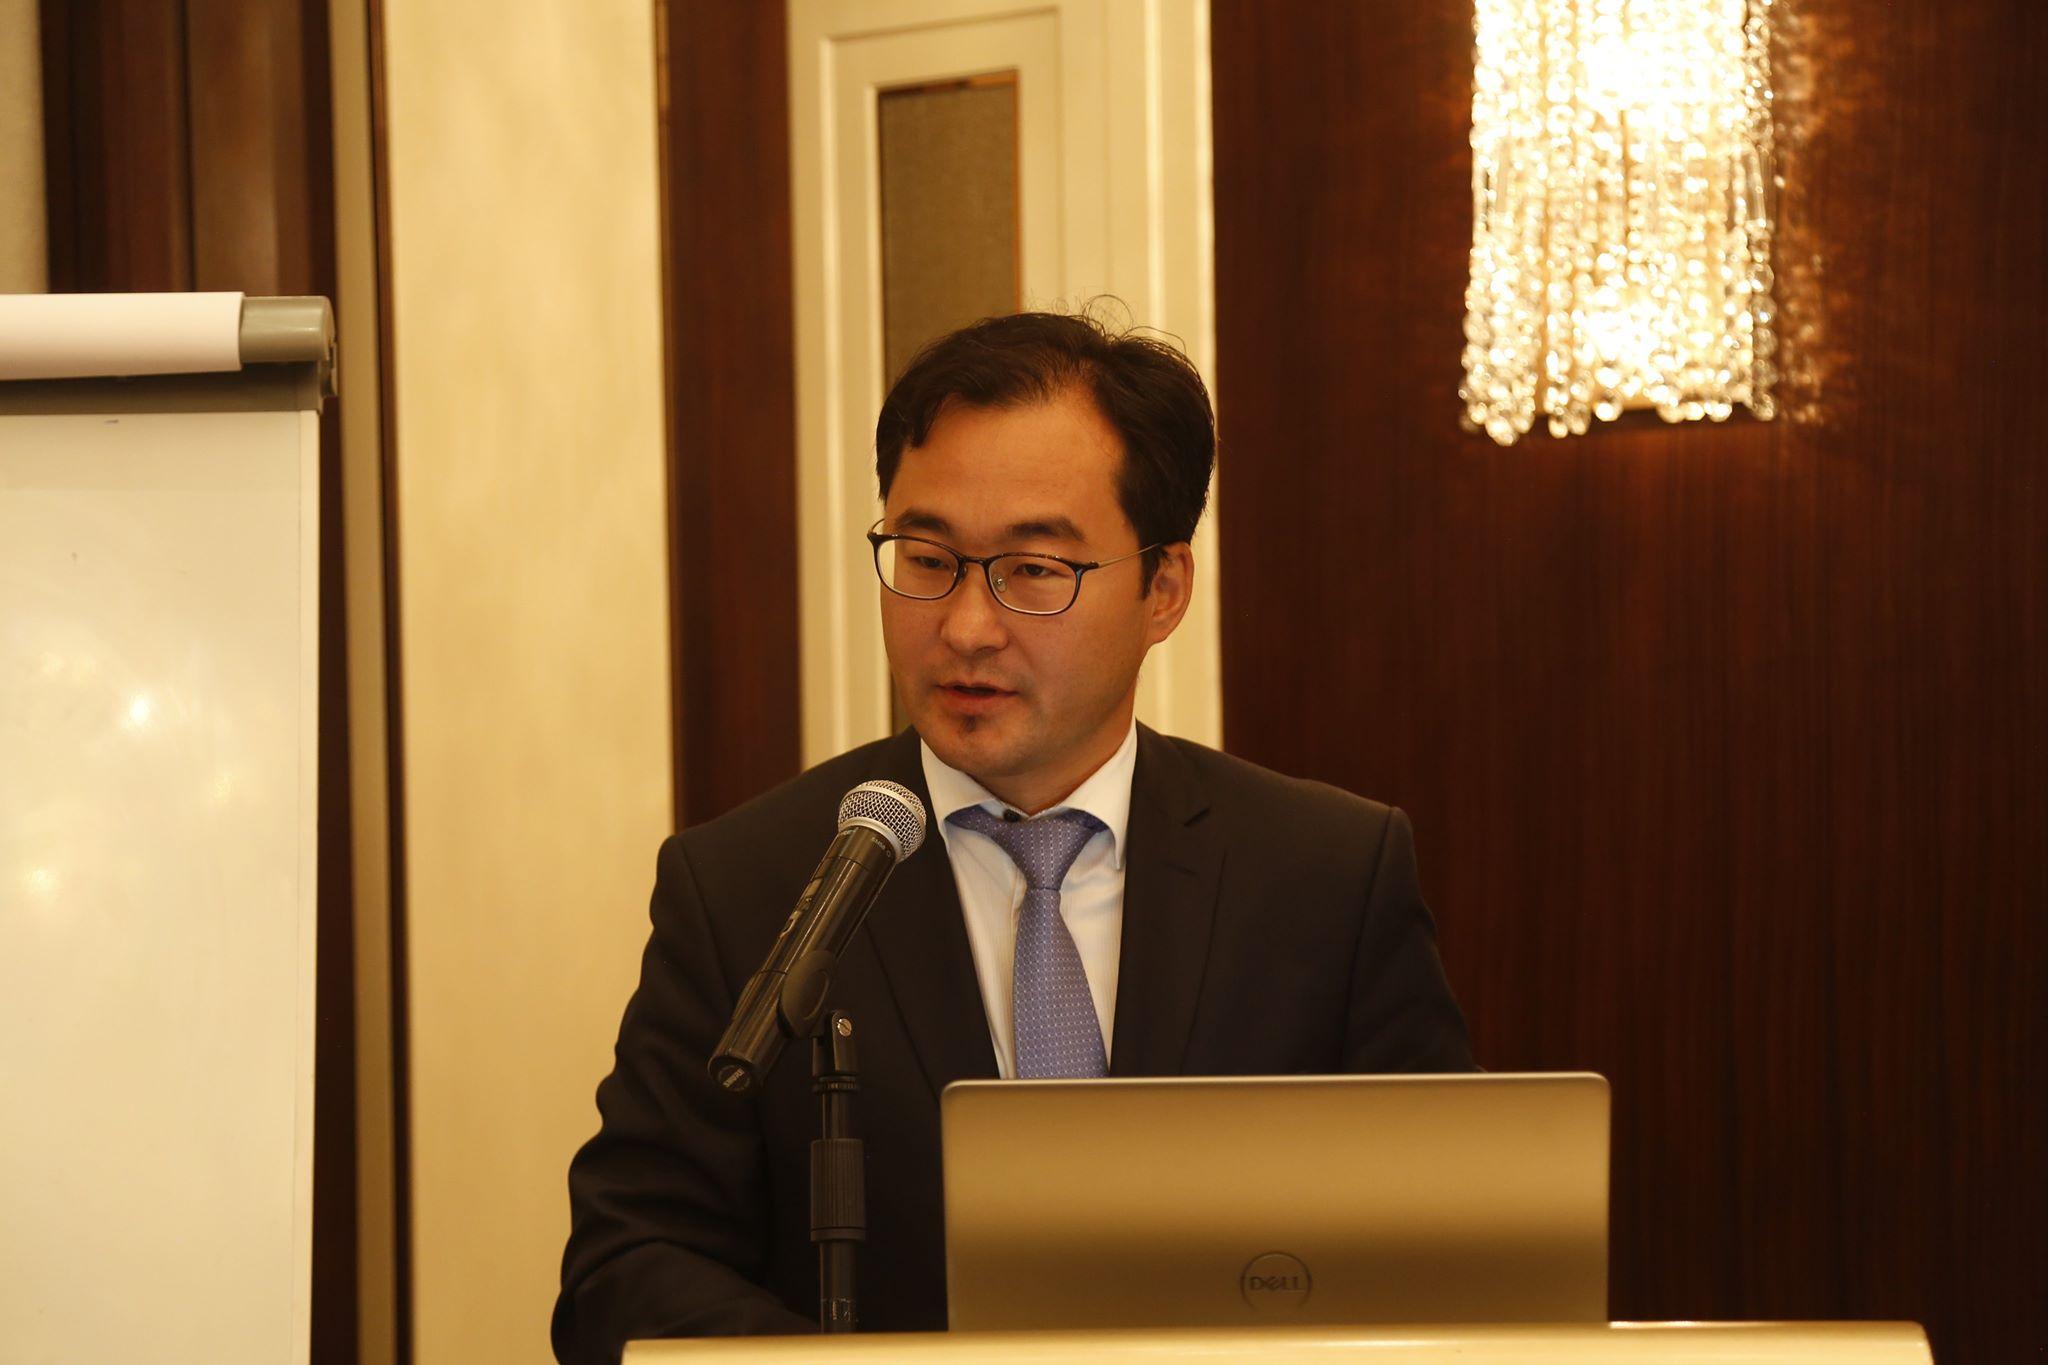 03-10 Санхүүгийн мөчлөг ба хямрал сэдэвт Олон улсын сургалт болж байна